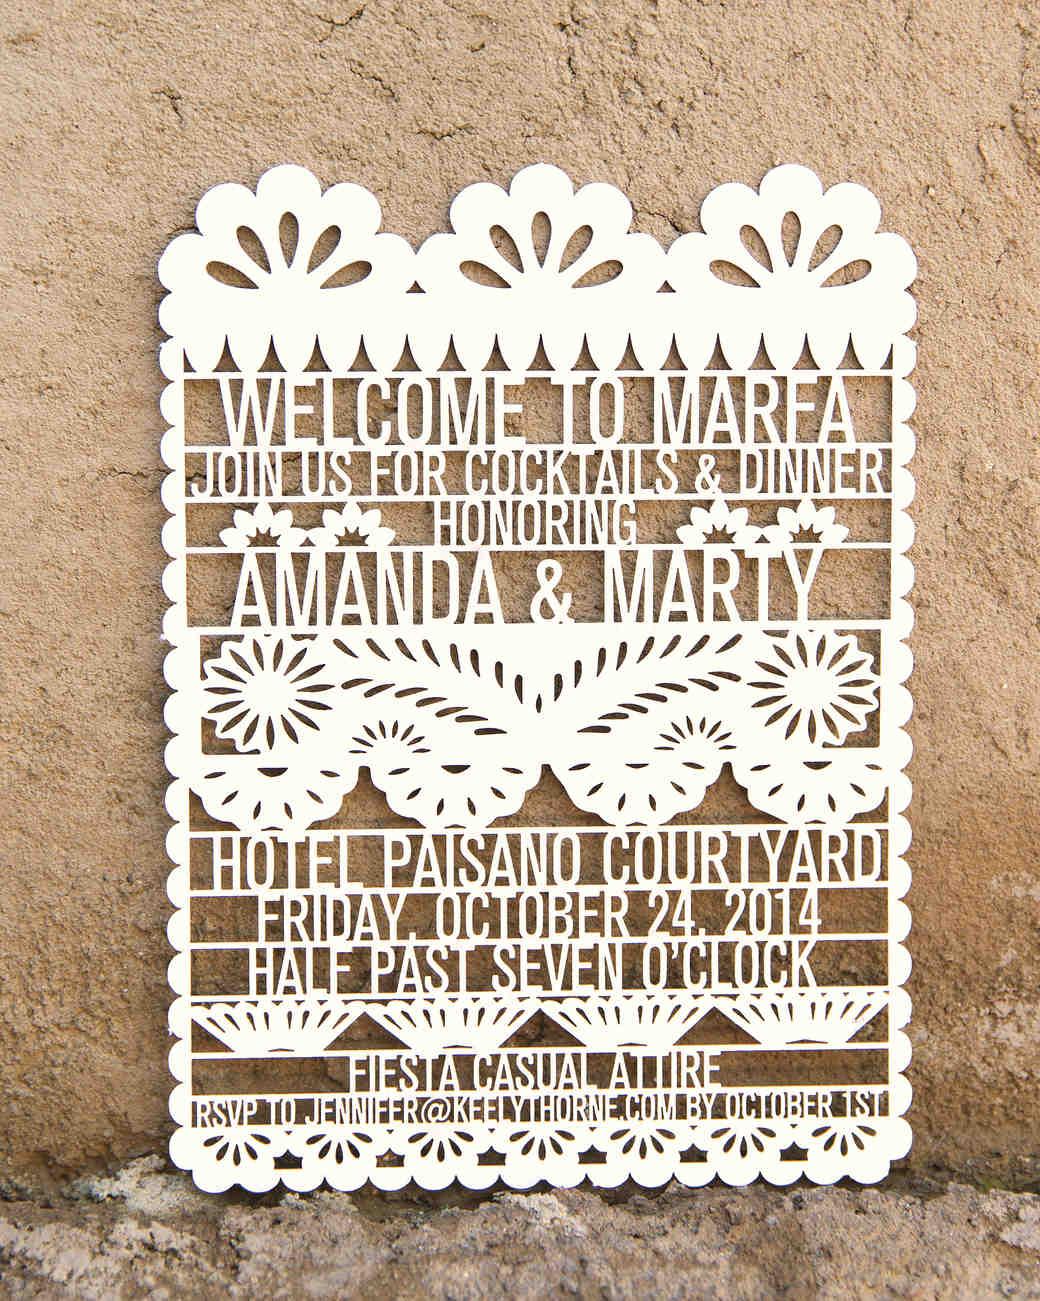 amanda-marty-wedding-marfa-texas-0036-s112329.jpg